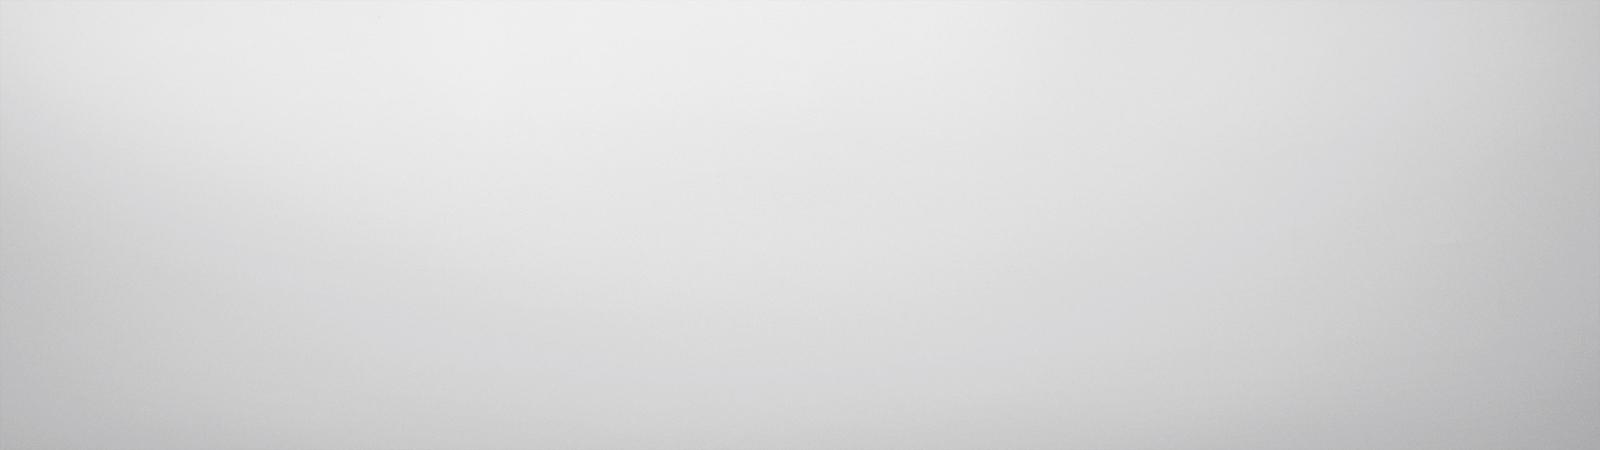 sfondo-nuovo-banner